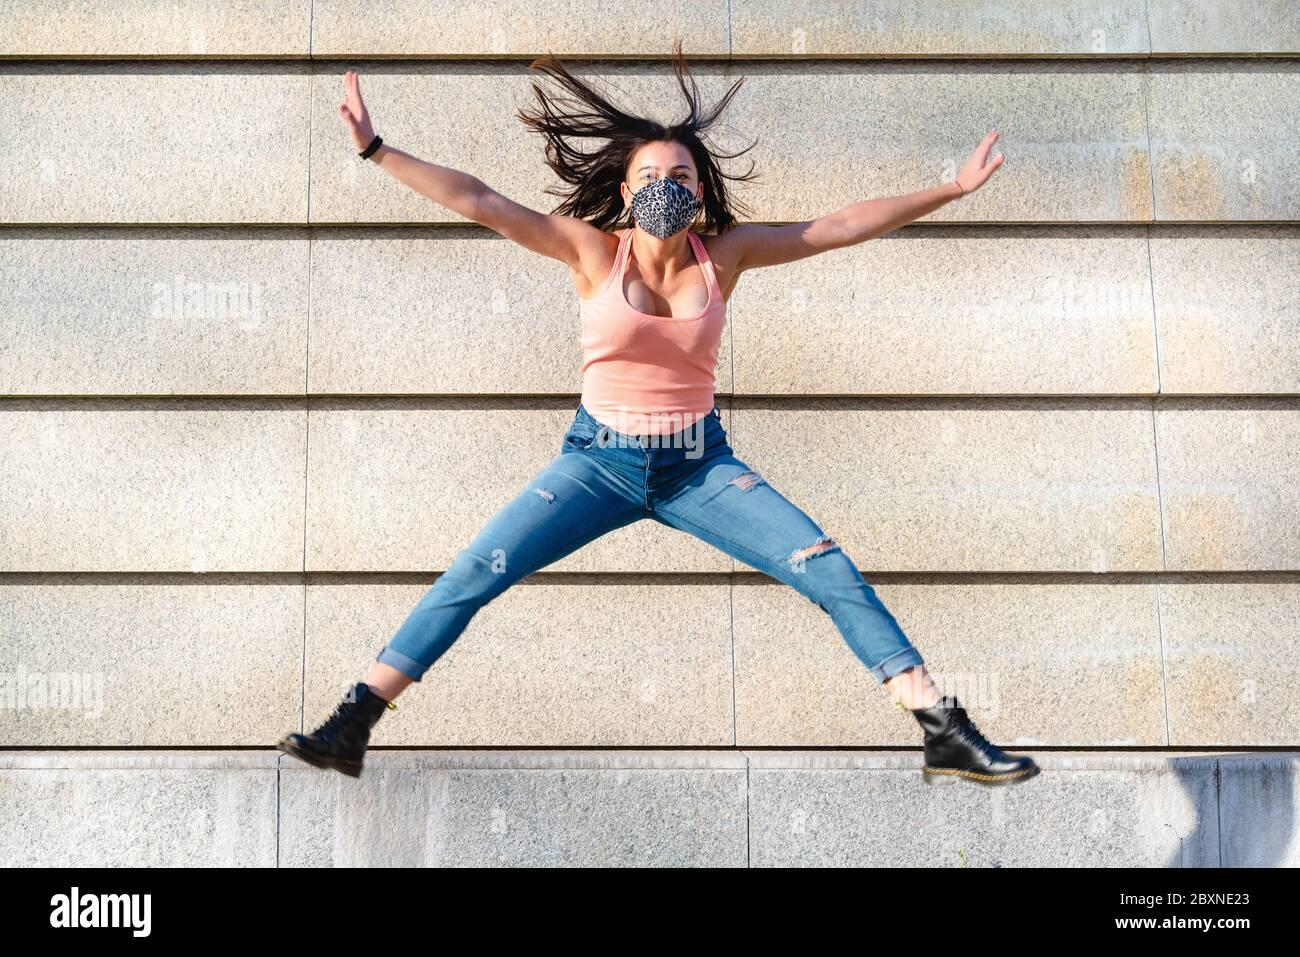 Giovane ragazza della generazione Z che indossa una maschera leopardo fa un salto acrobatico con gambe aperte, concetto di pensiero positivo e ottimismo Foto Stock